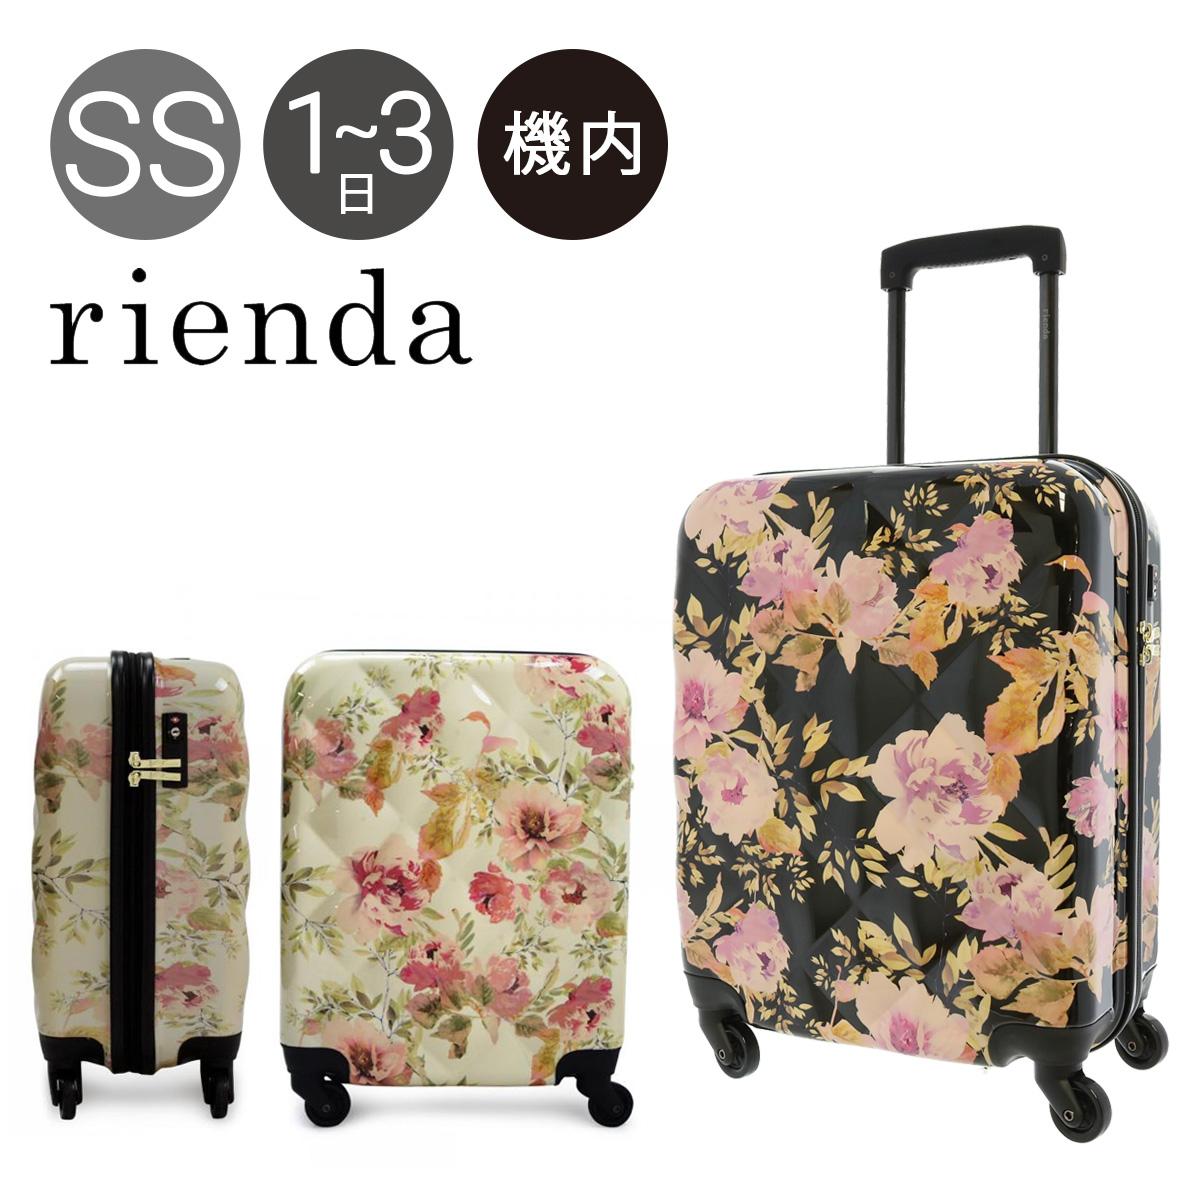 リエンダ スーツケース r03278402 【 rienda VINTAGE ROSE FROWER PRINT ハードキャリー 4輪キャリー レディース 花柄 】【 GISELe 5月号掲載 】【bef】